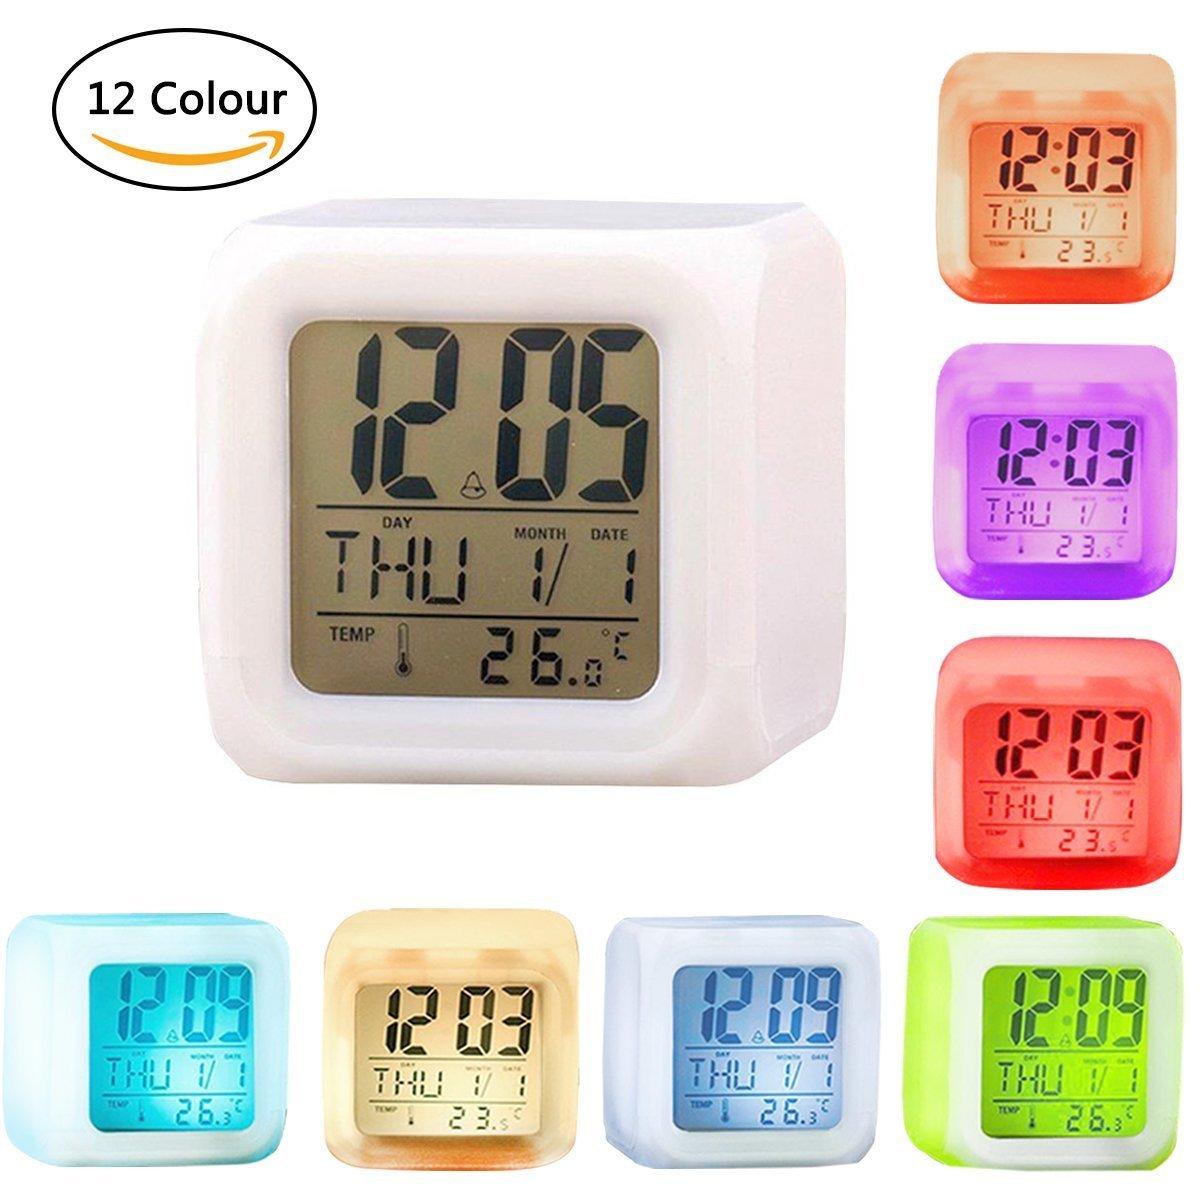 VanseRun Orologio sveglia digitale 7 LED cambia colore, con Display Tempo, Data, temperatura, funzione Sleep e sveglia